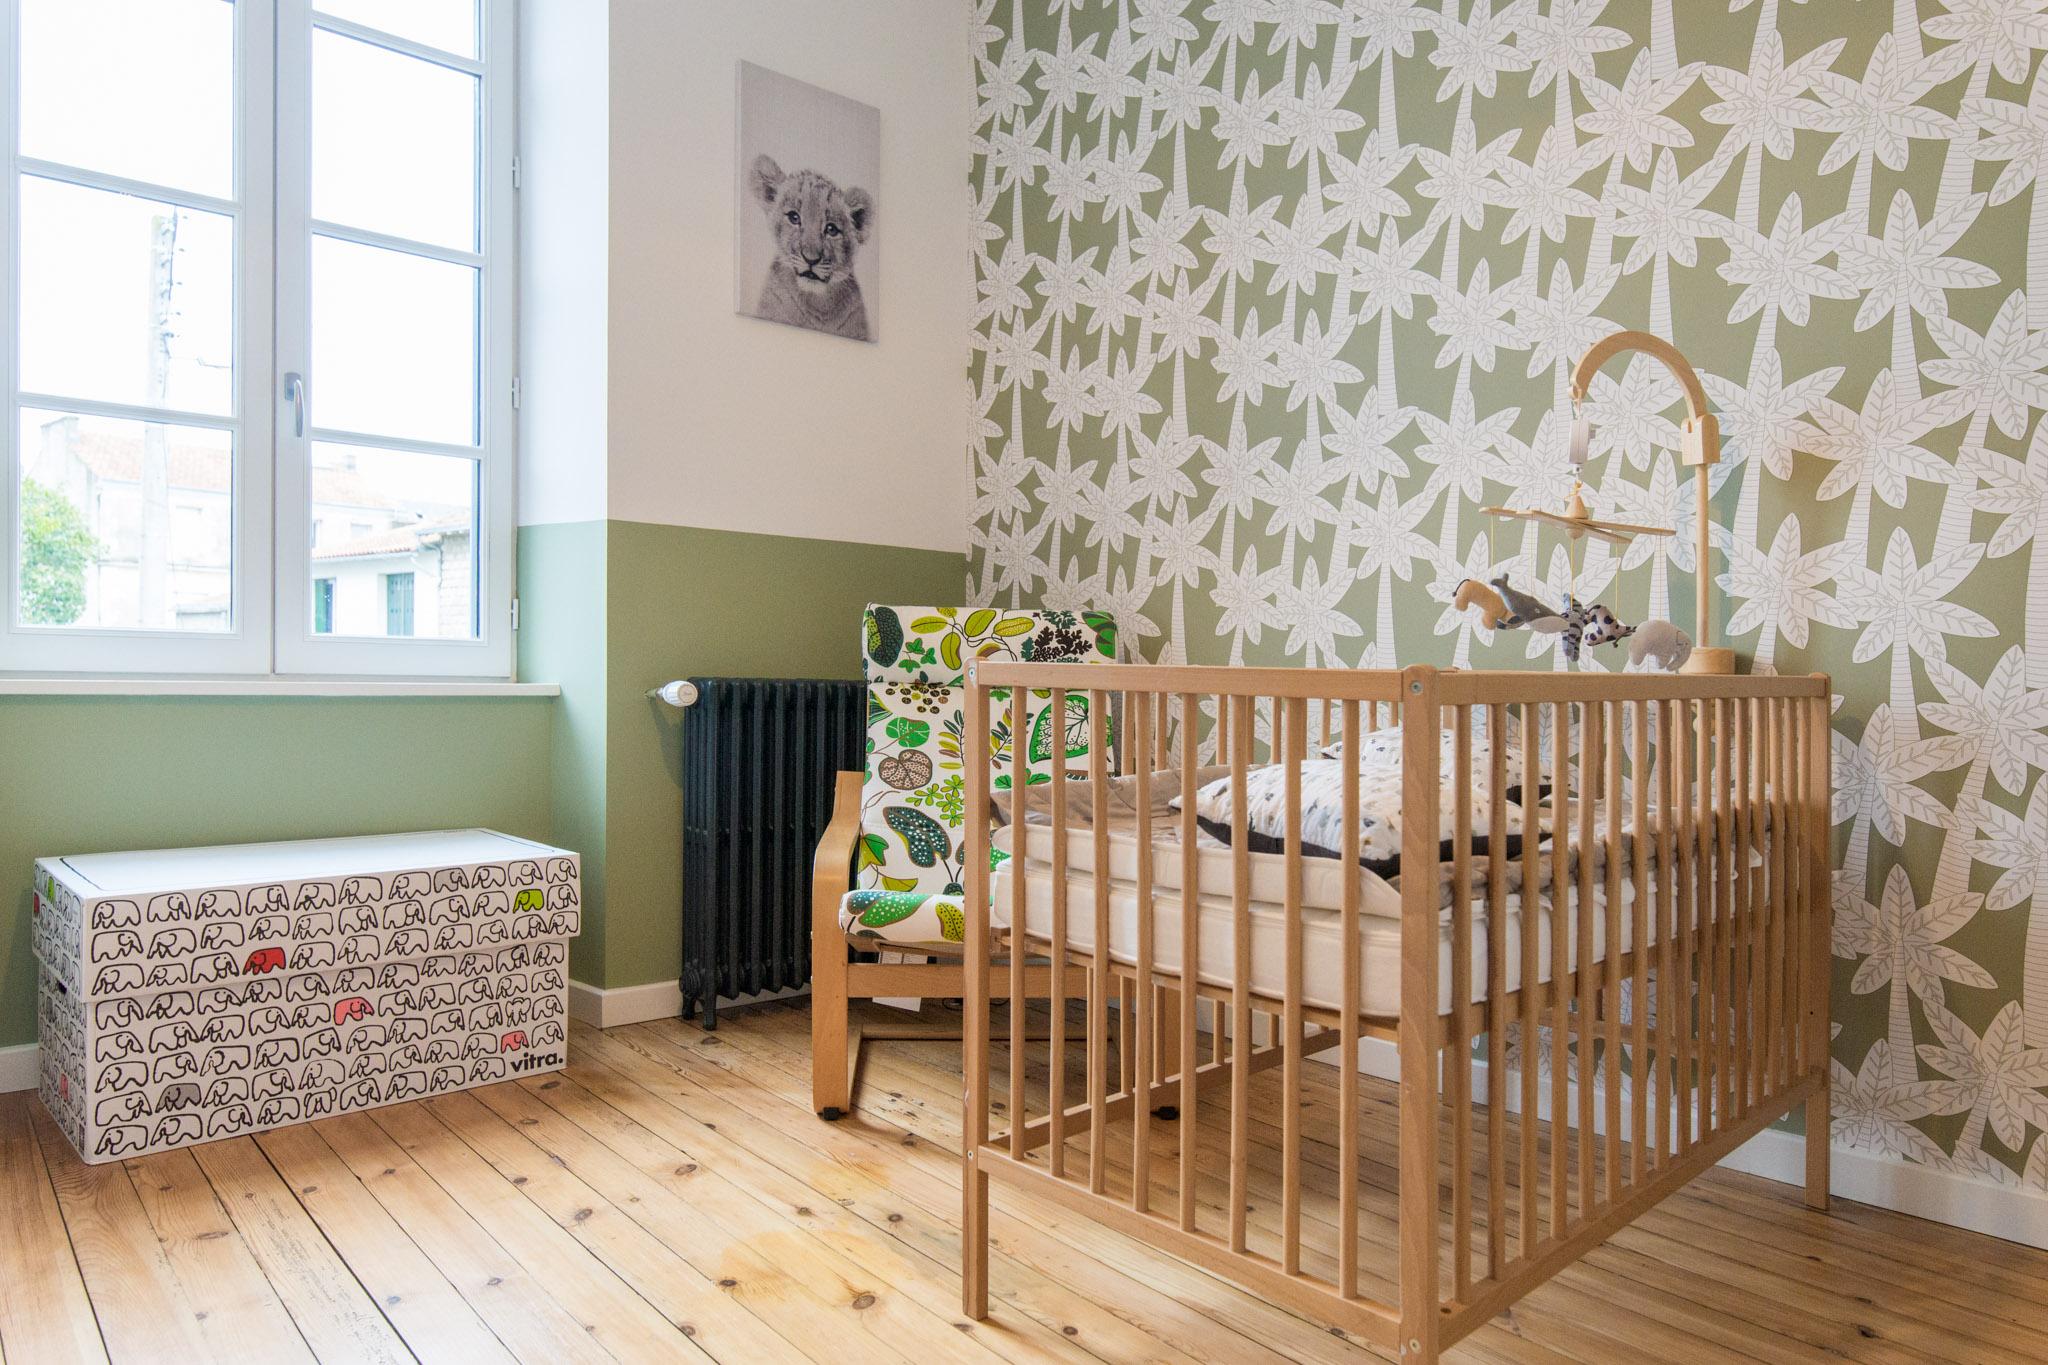 renovation-amenagement-decoration-ameublement-agencement-maison ...